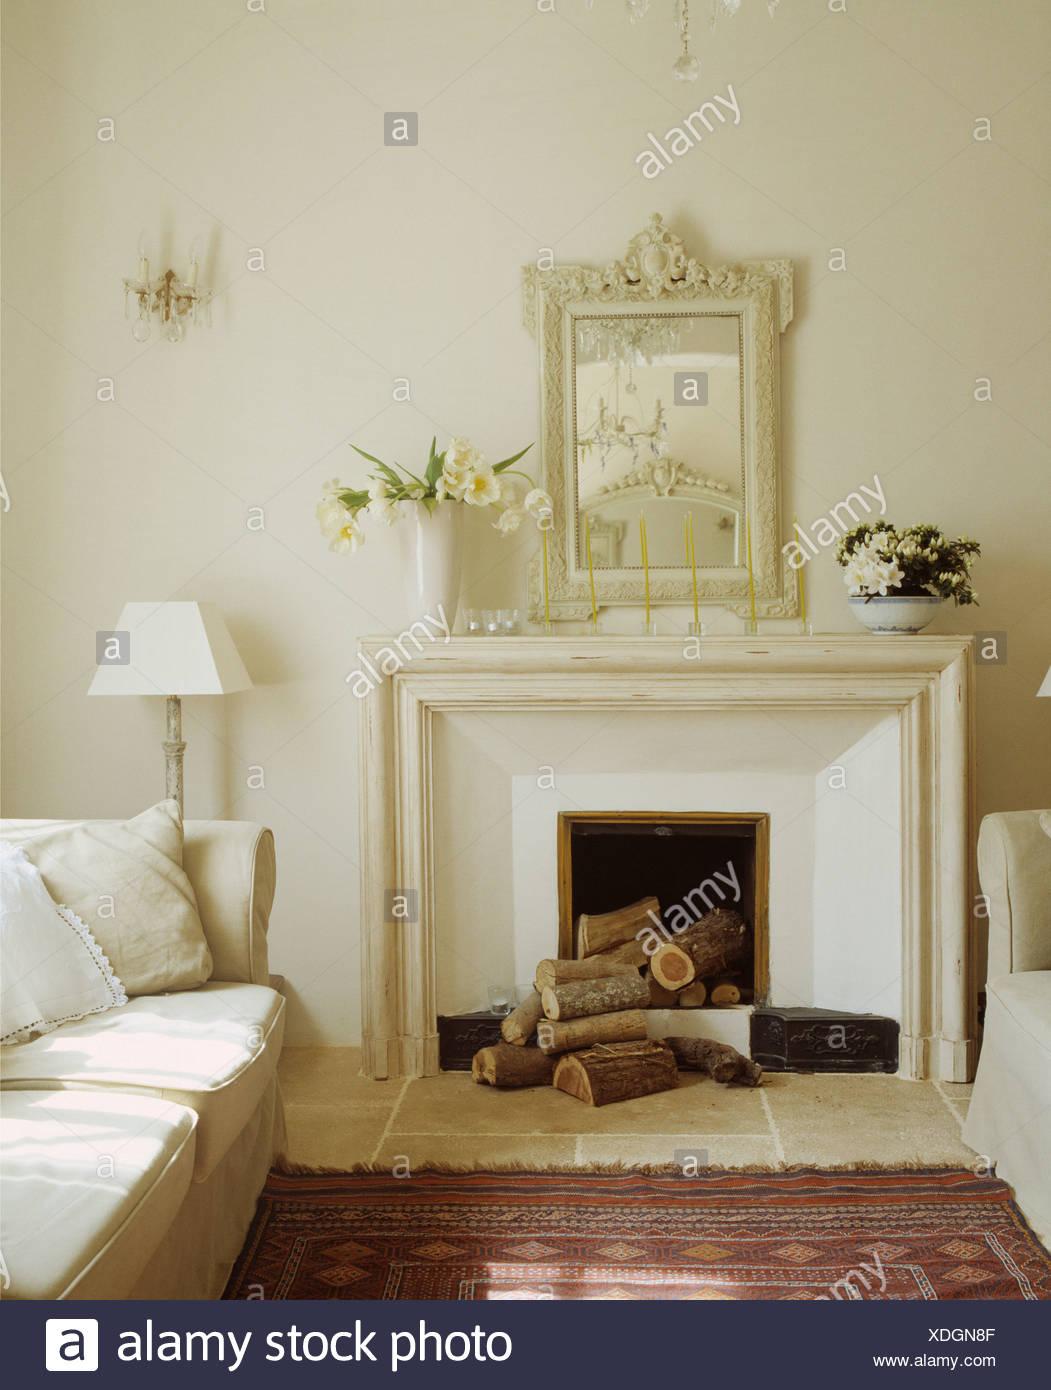 White Mirror Above White Fireplace Stock Photos & White